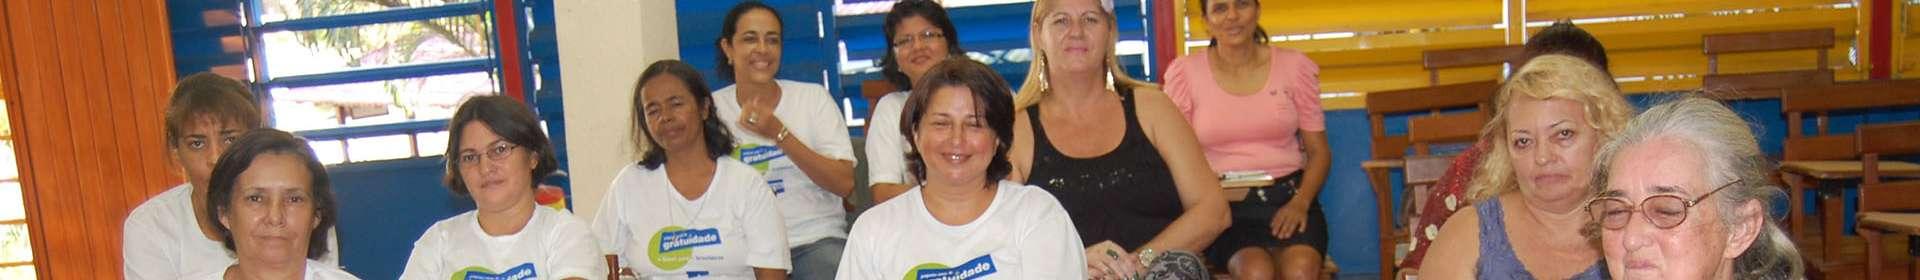 Instituto ligado à Igreja Cristã Maranata cria plataforma para realização de cursos à distância